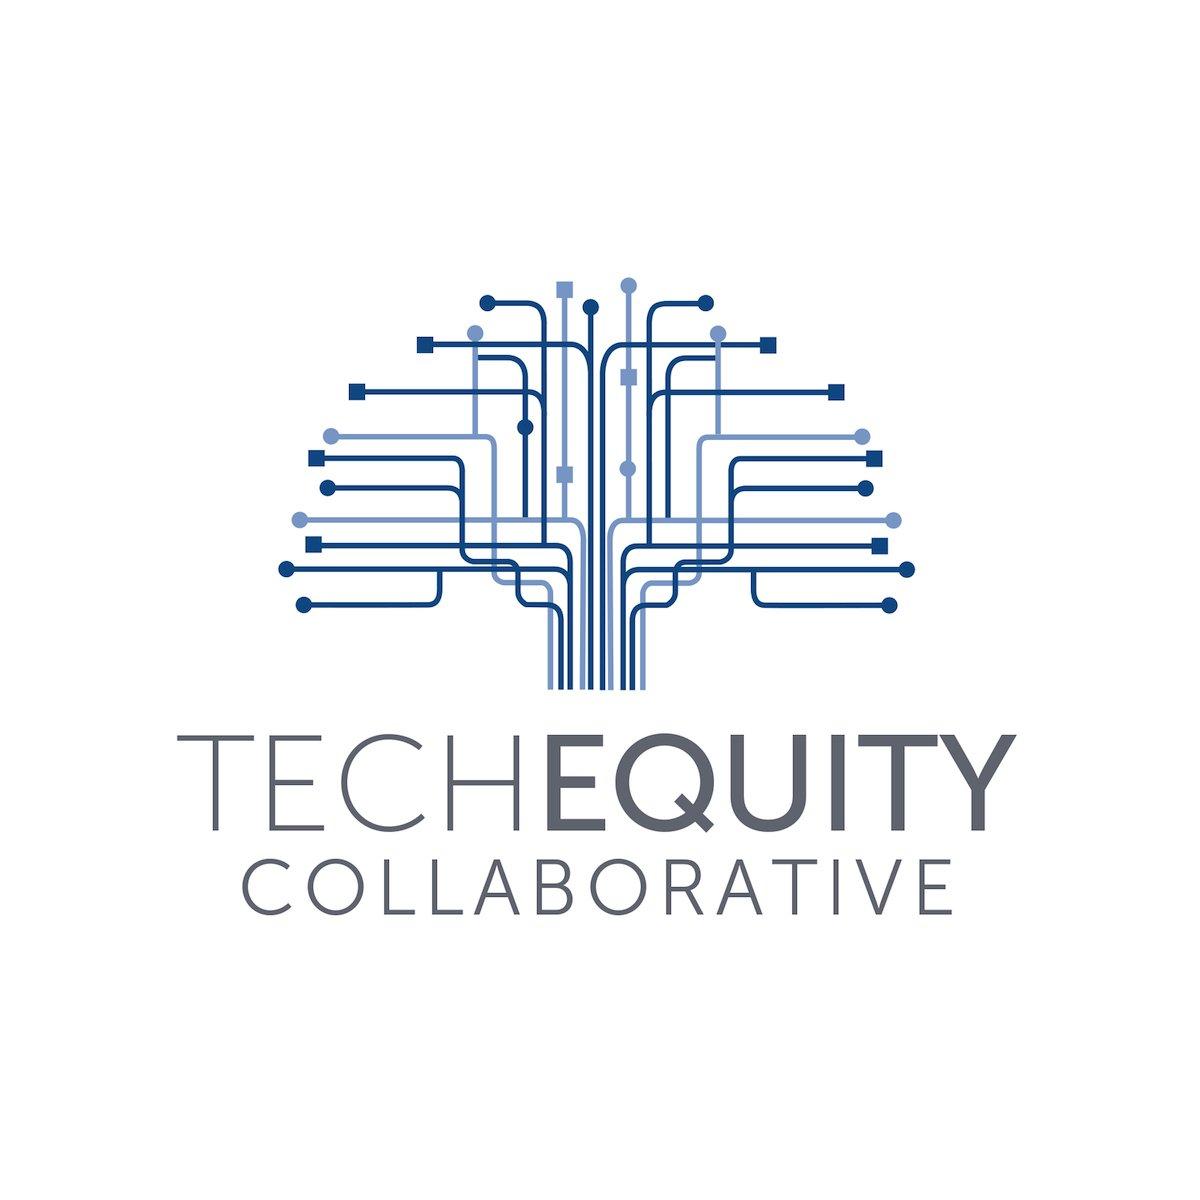 Techequity.jpg